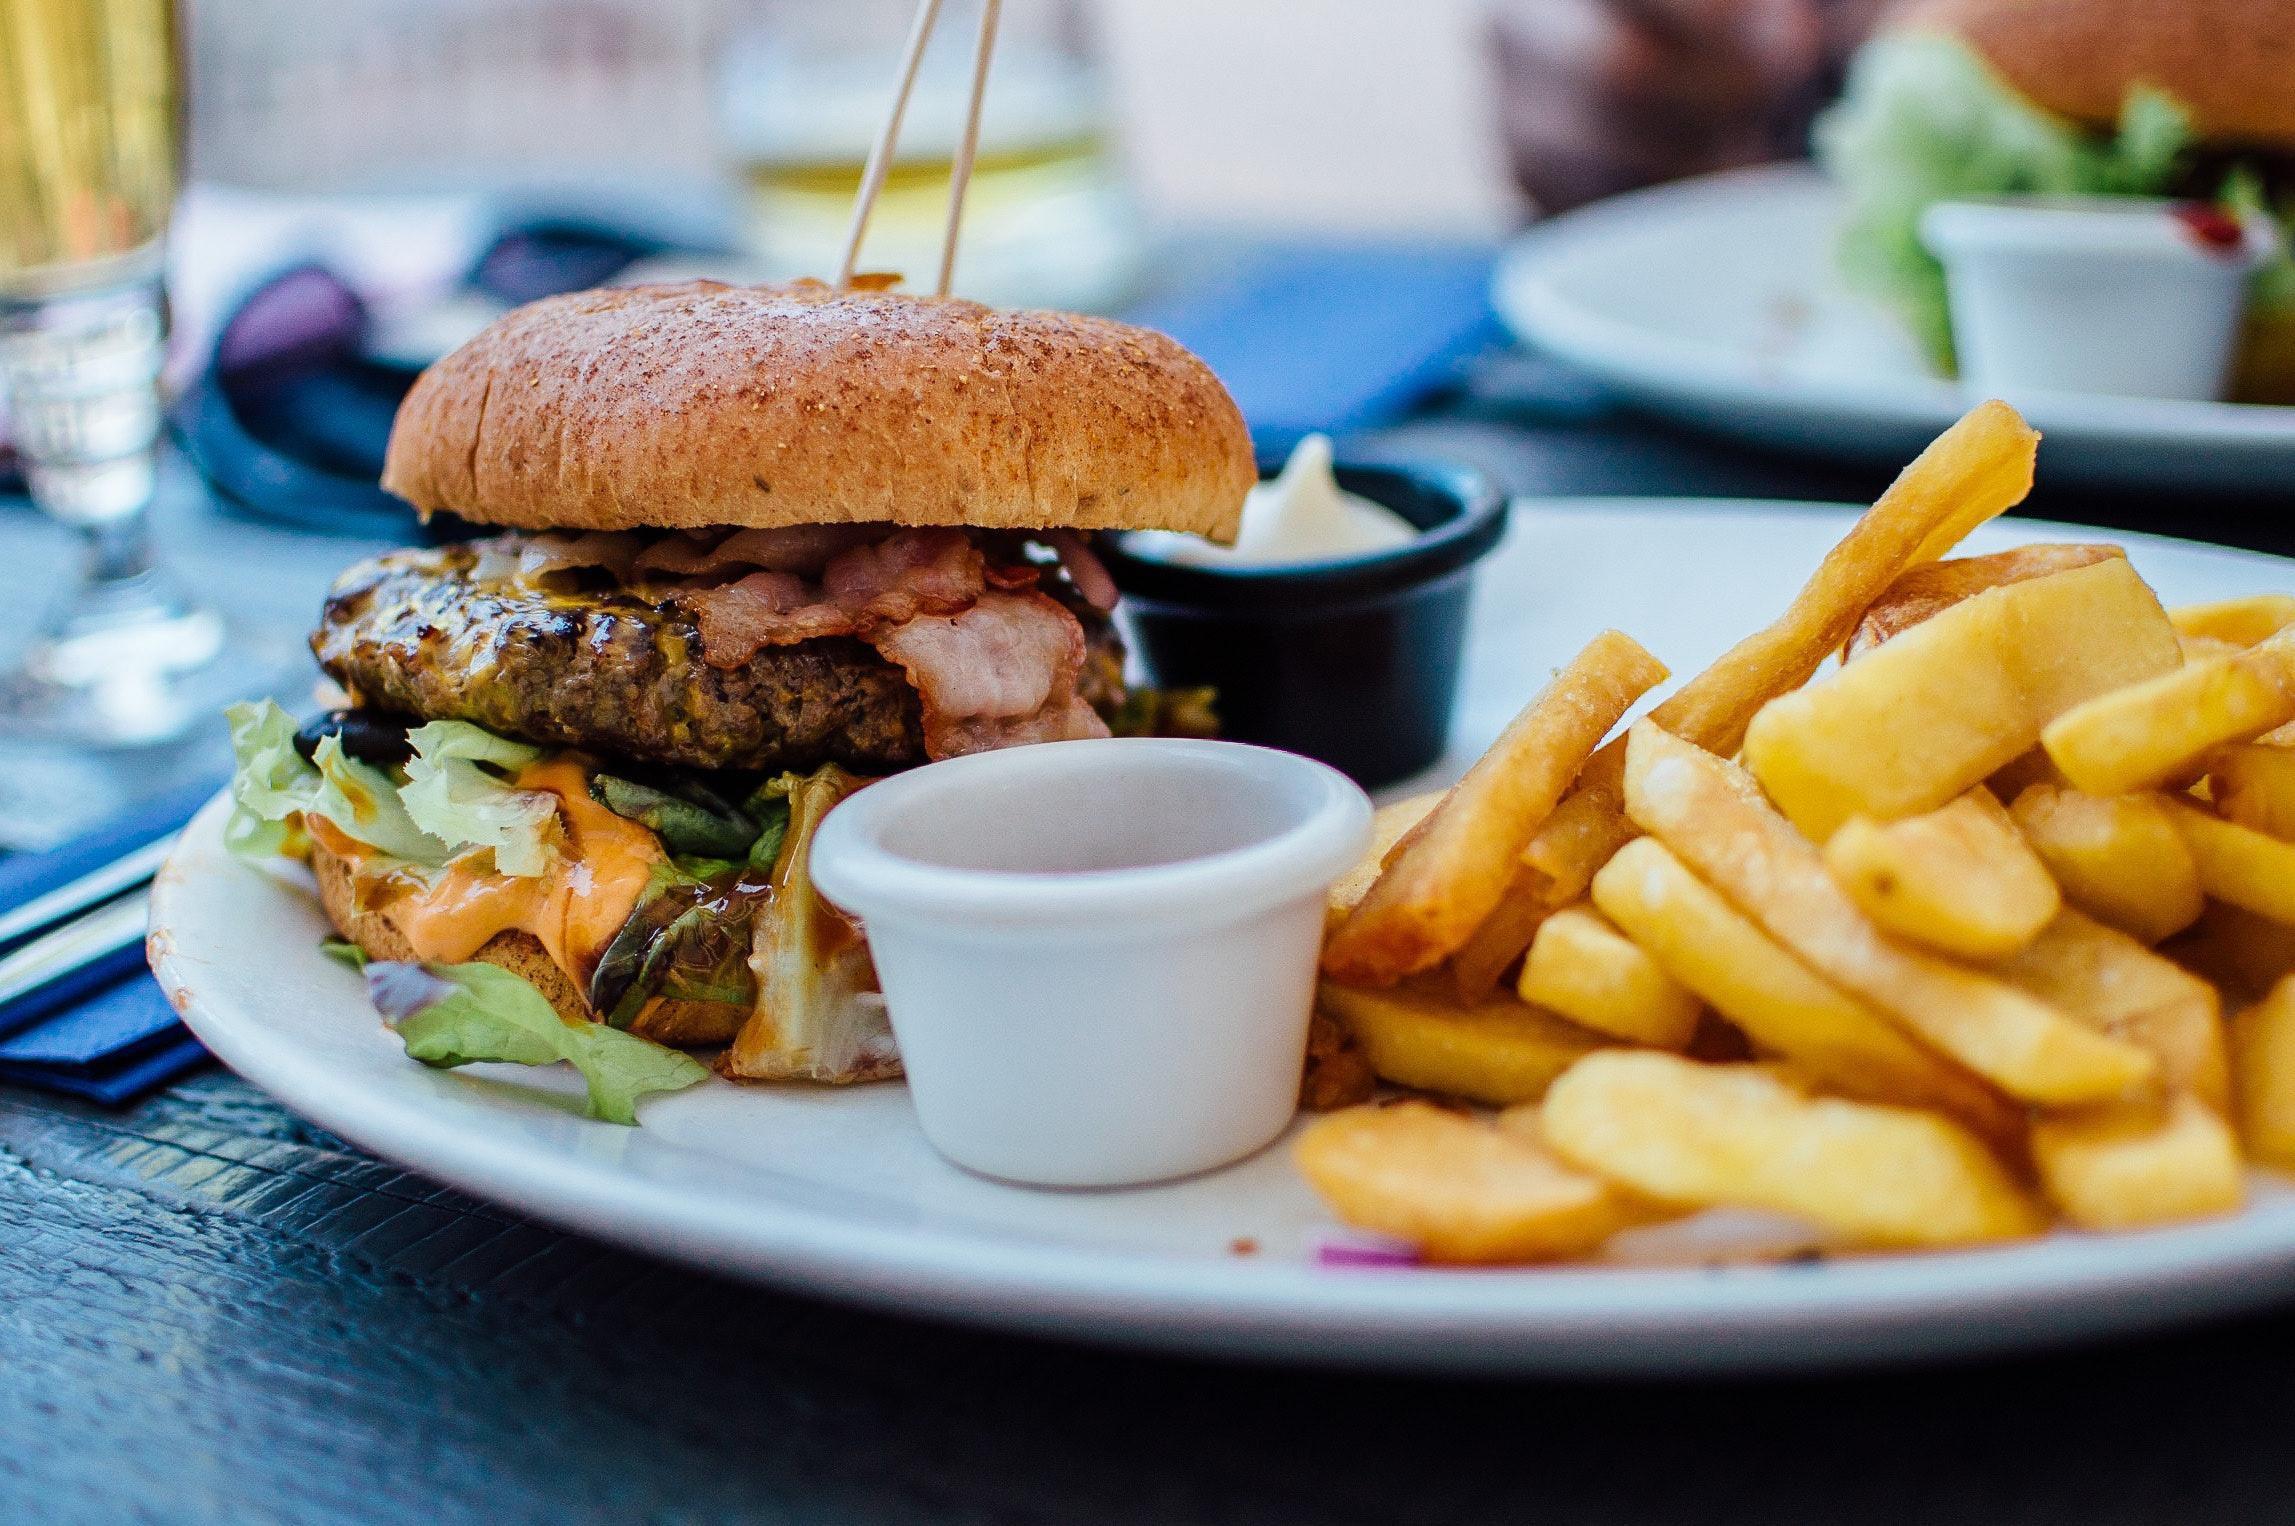 Sai lầm khi ăn tối có thể gây hại sức khỏe Ảnh 2